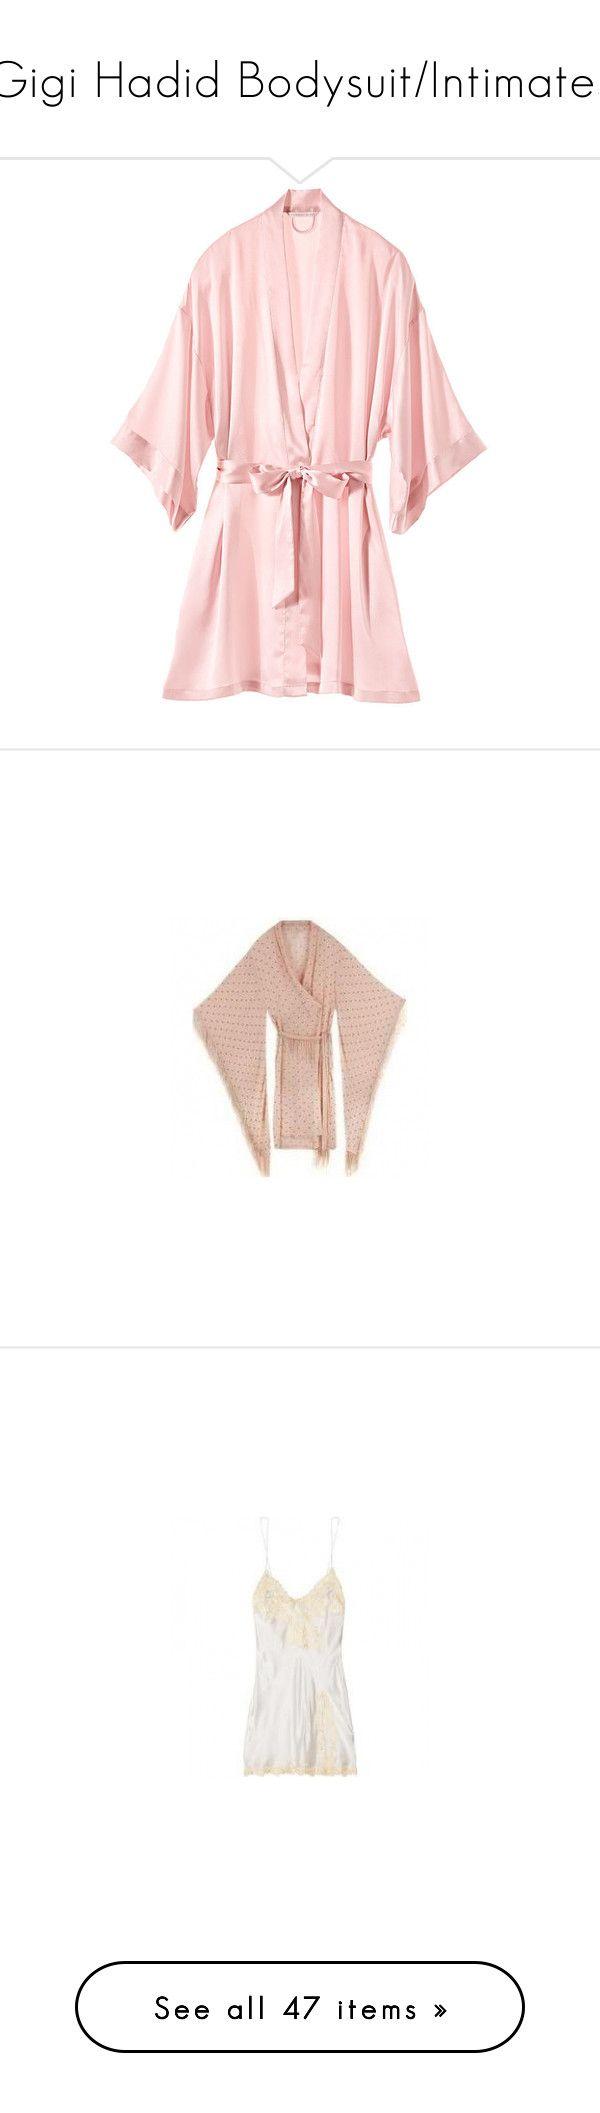 """""""Gigi Hadid Bodysuit/Intimates"""" by taught-to-fly19 on Polyvore featuring intimates, robes, victoria's secret/ pink, satin kimono robe, satin bathrobe, short kimono robe, kimono robe, victoria secret robe, dresses e white day dress"""